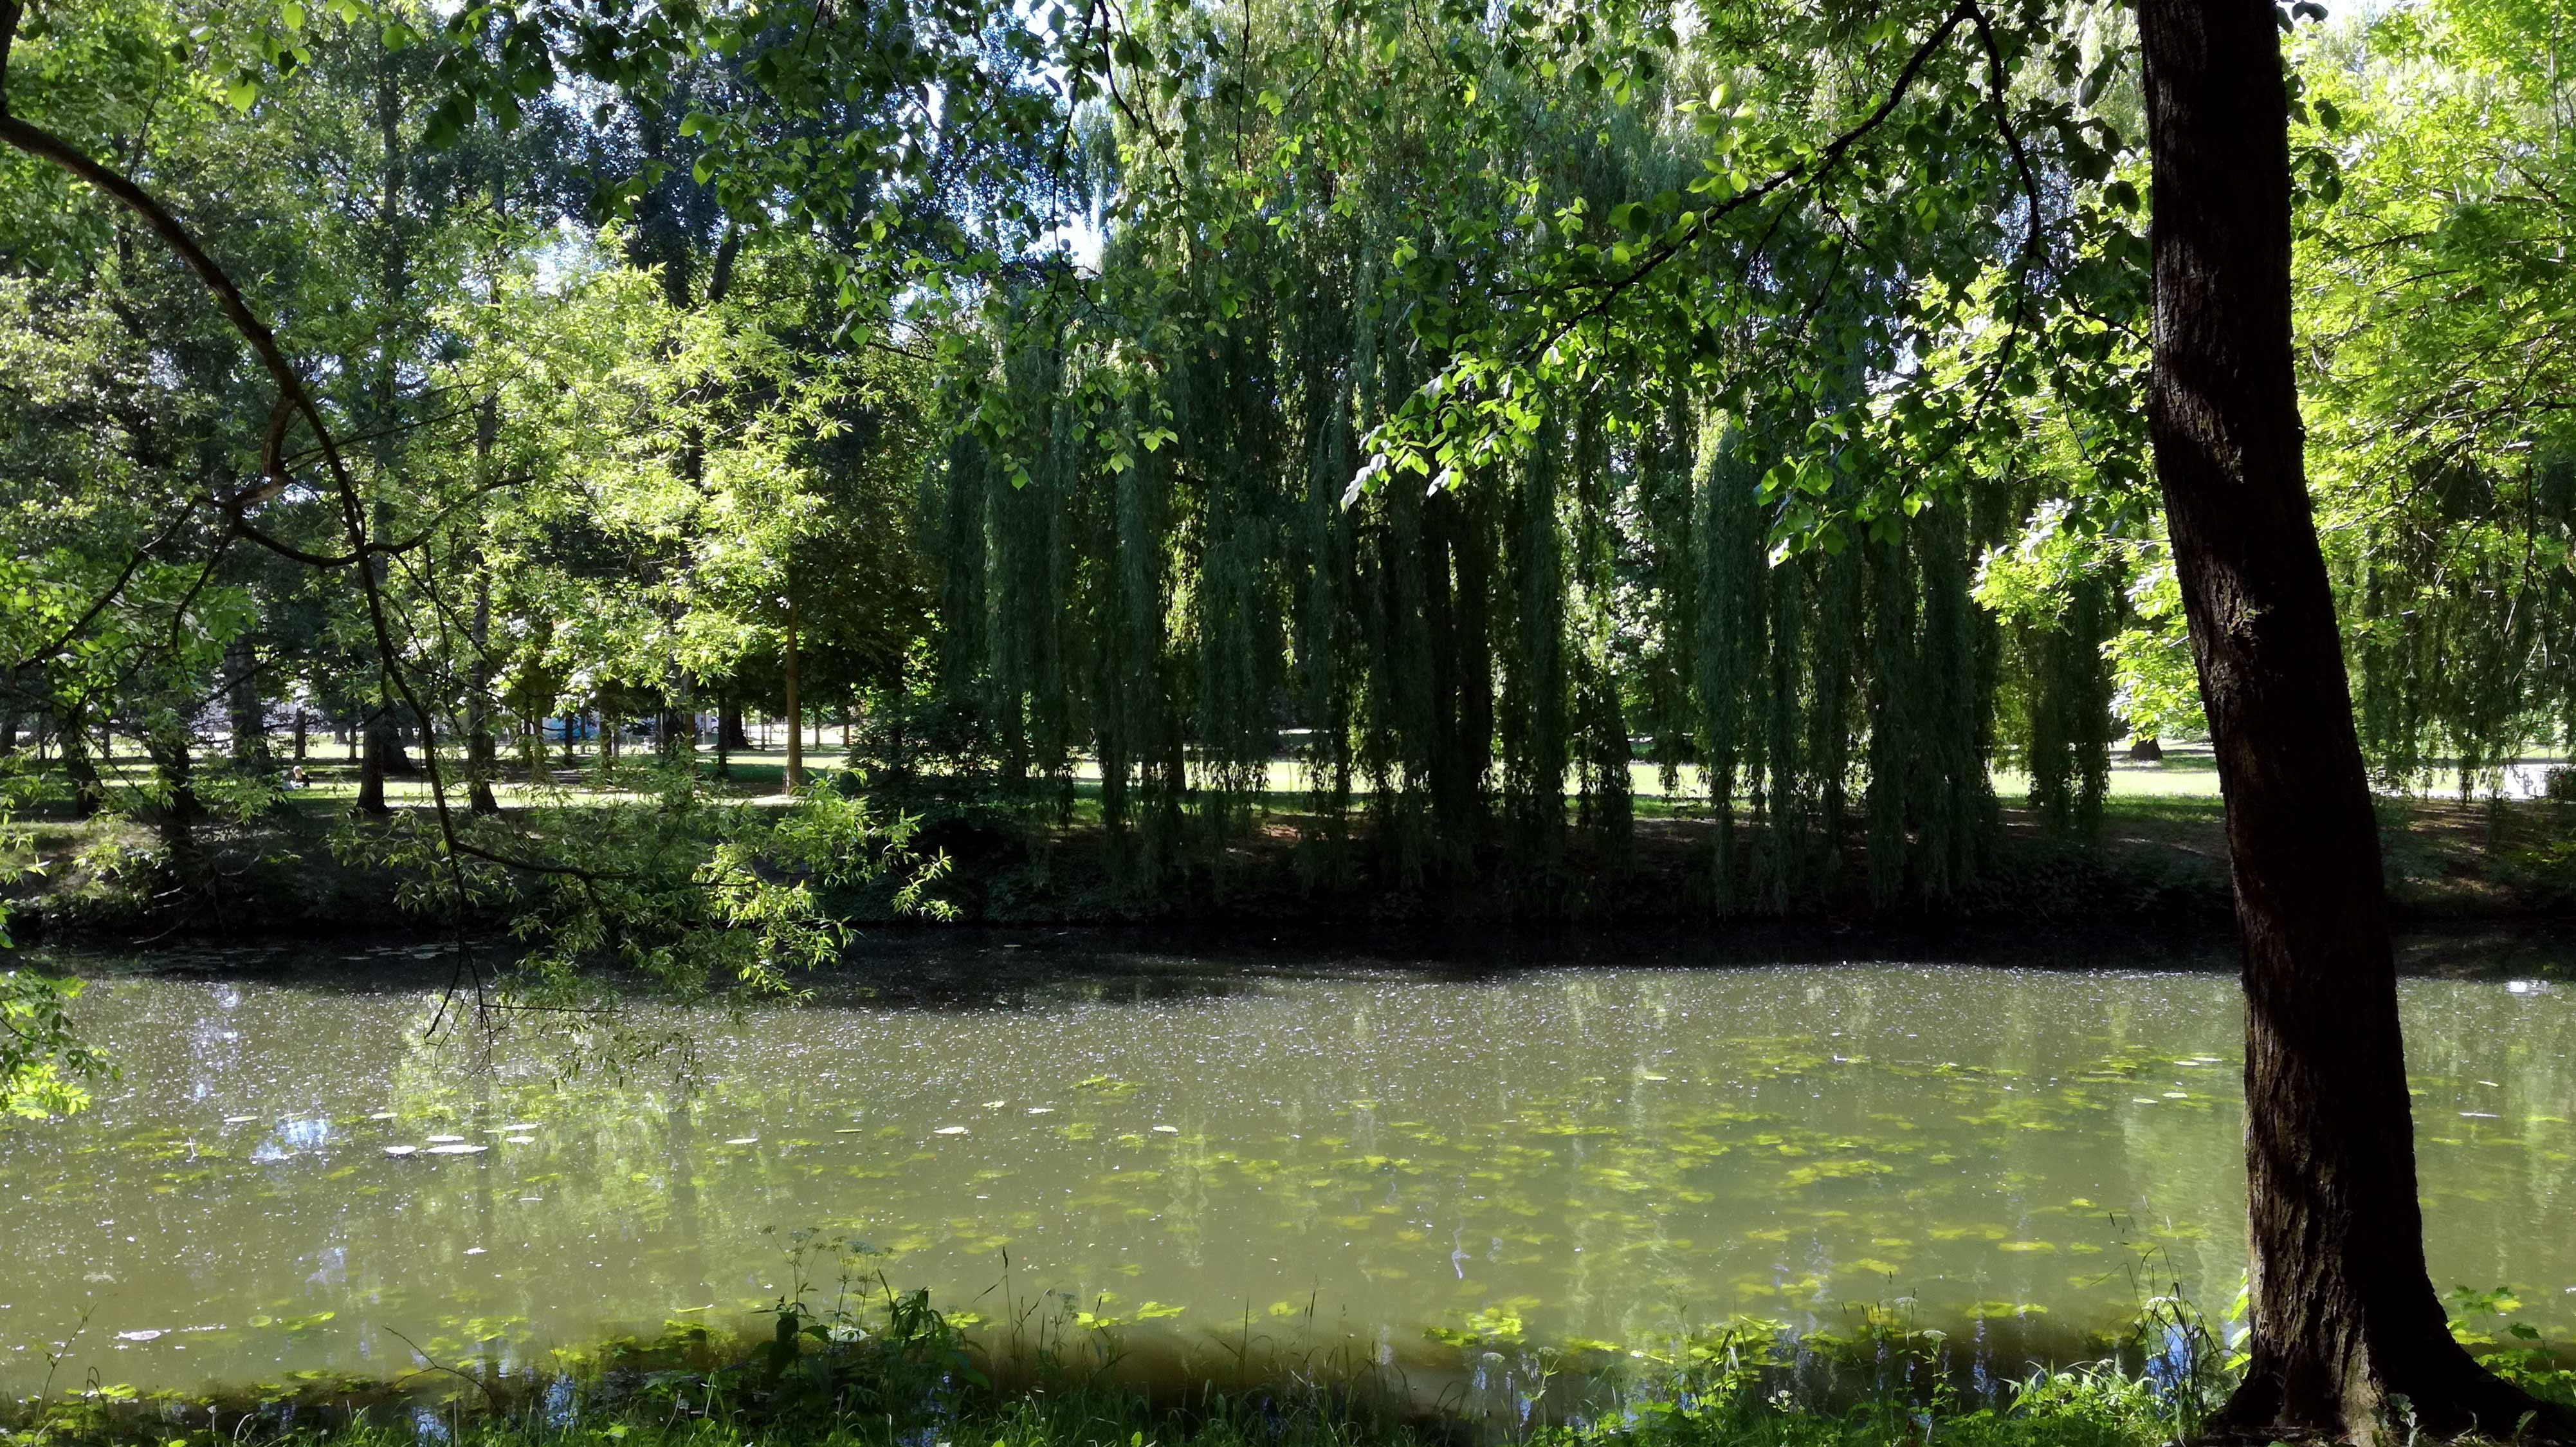 Biomasse im Kanal: Blick in den Schloßpark von König Wusterhausen |Johannes Ulrich Gehrke